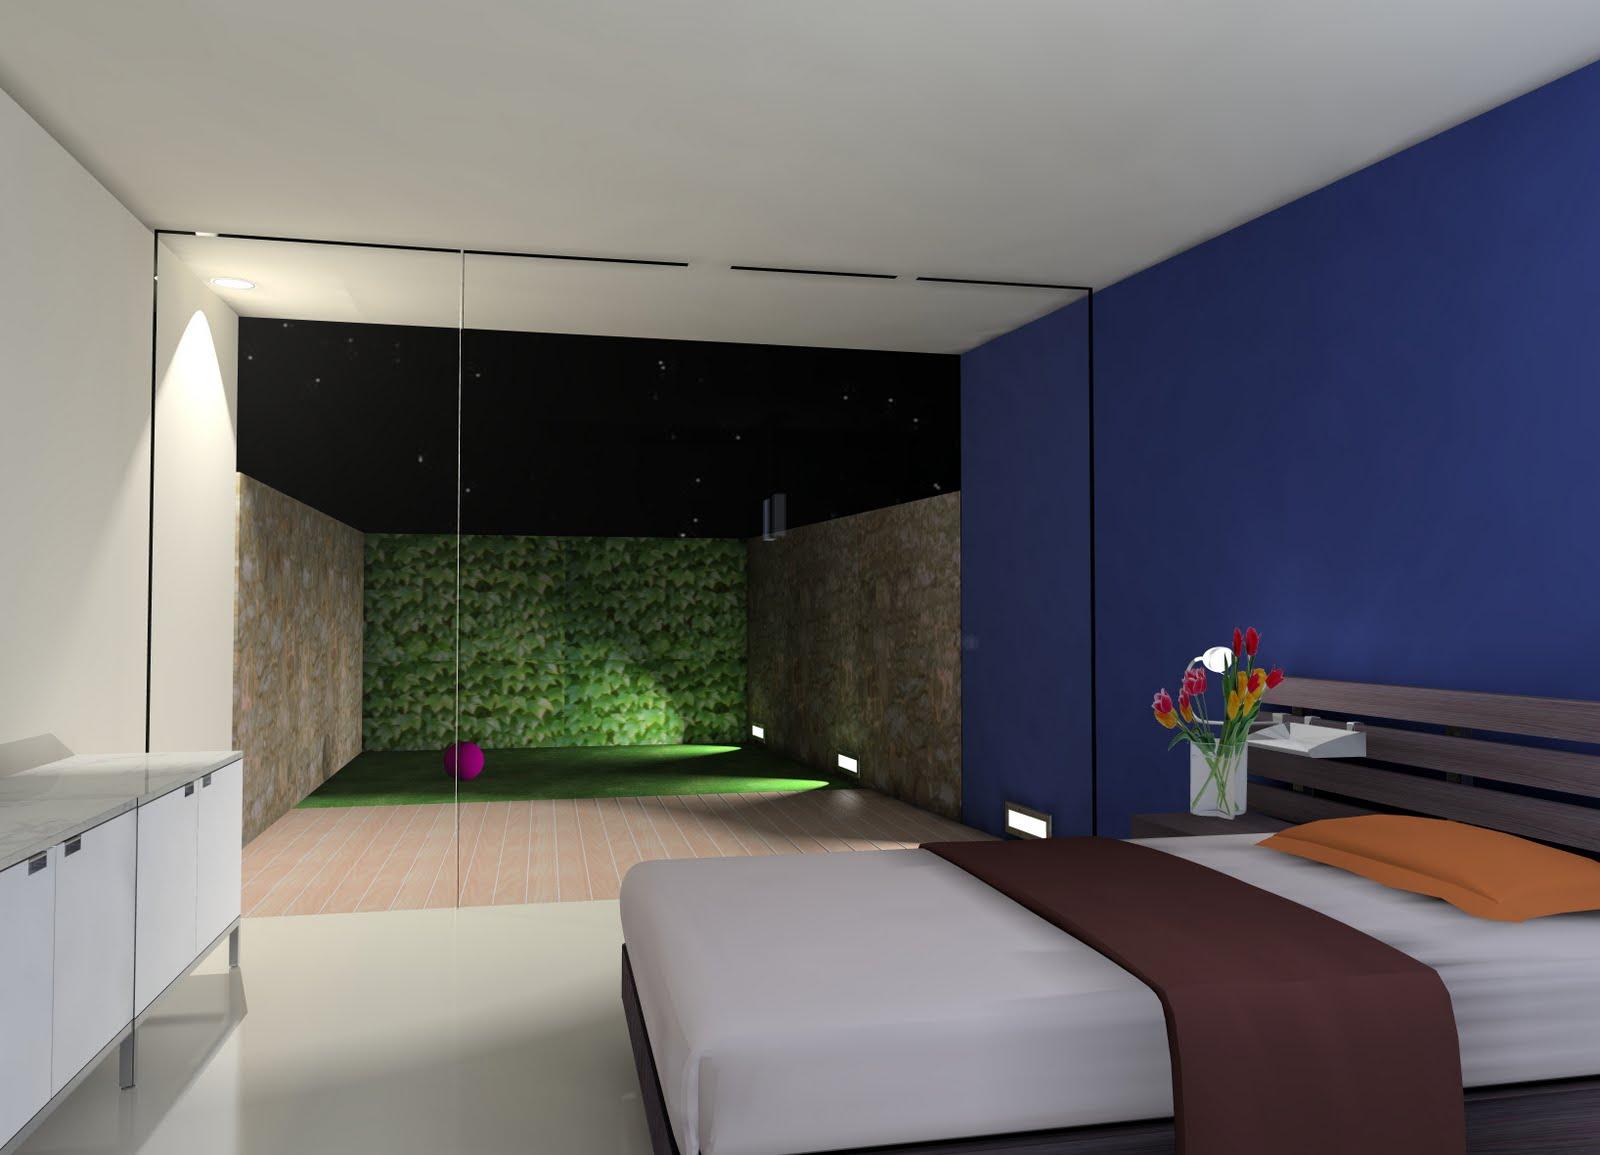 Architettare ovvero progettare casa online low cost for Progettare casa online